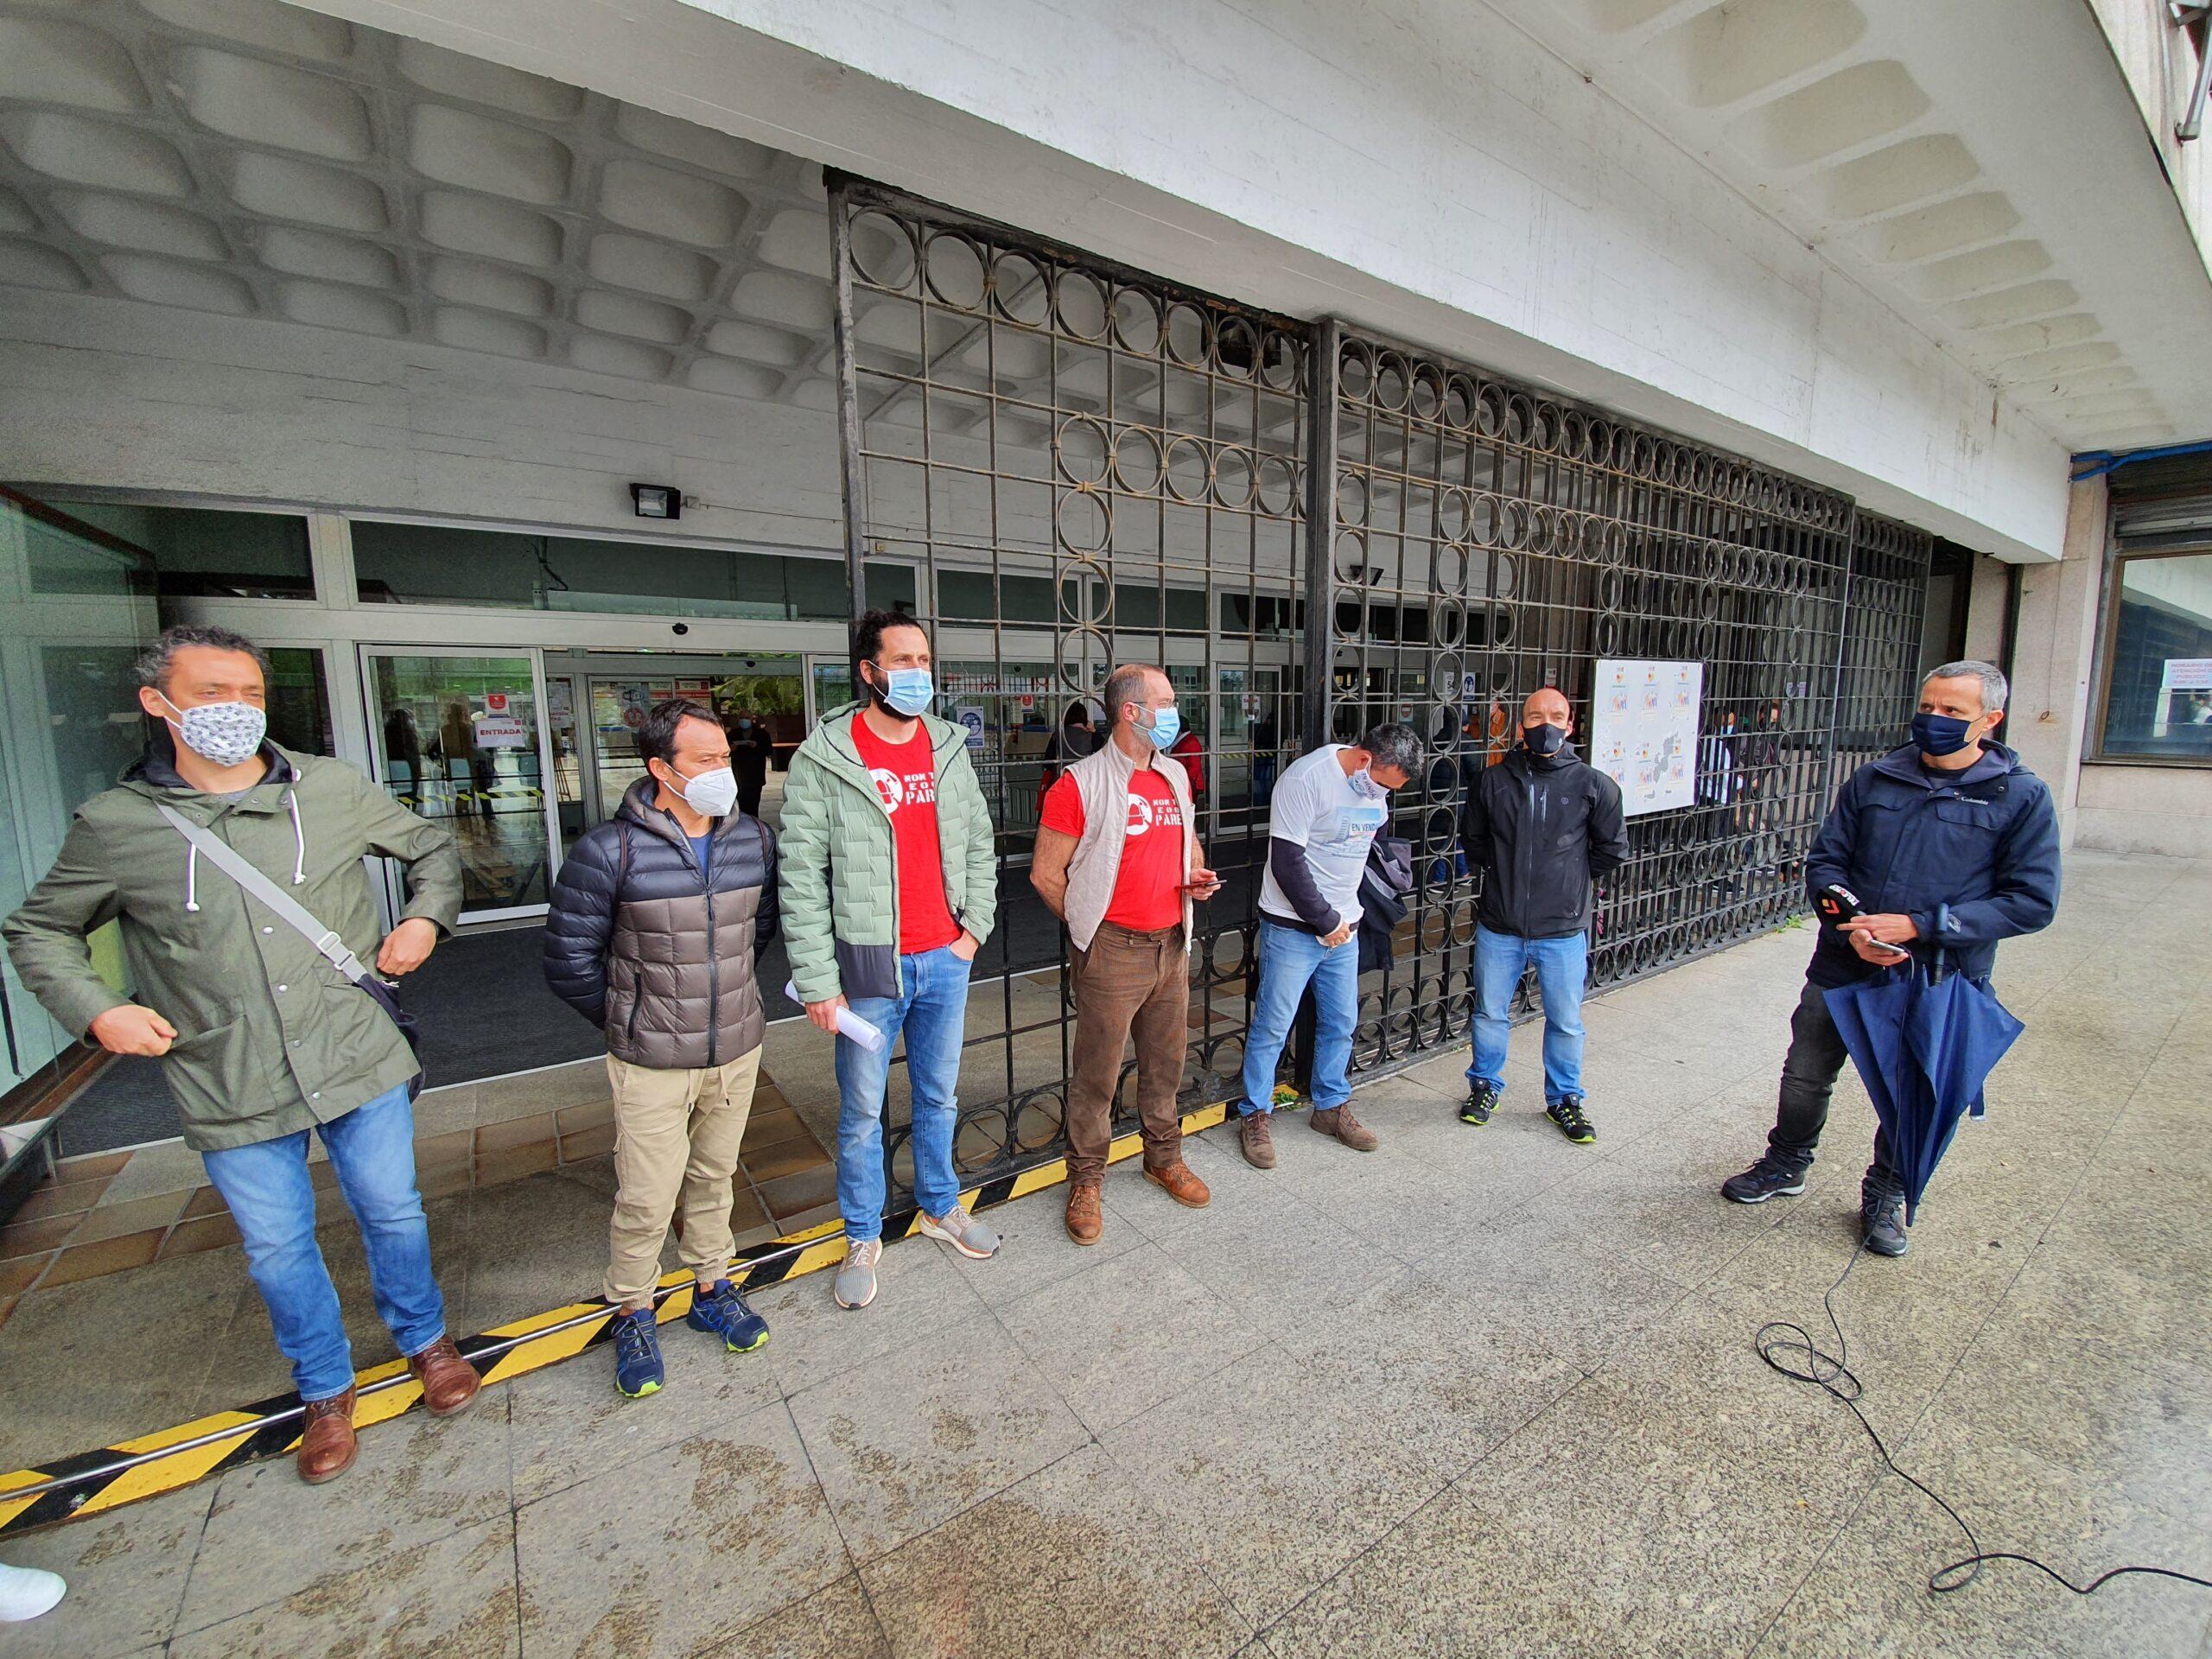 Desconvocada la huelga de Bomberos de Vigo que duraba ya año y medio